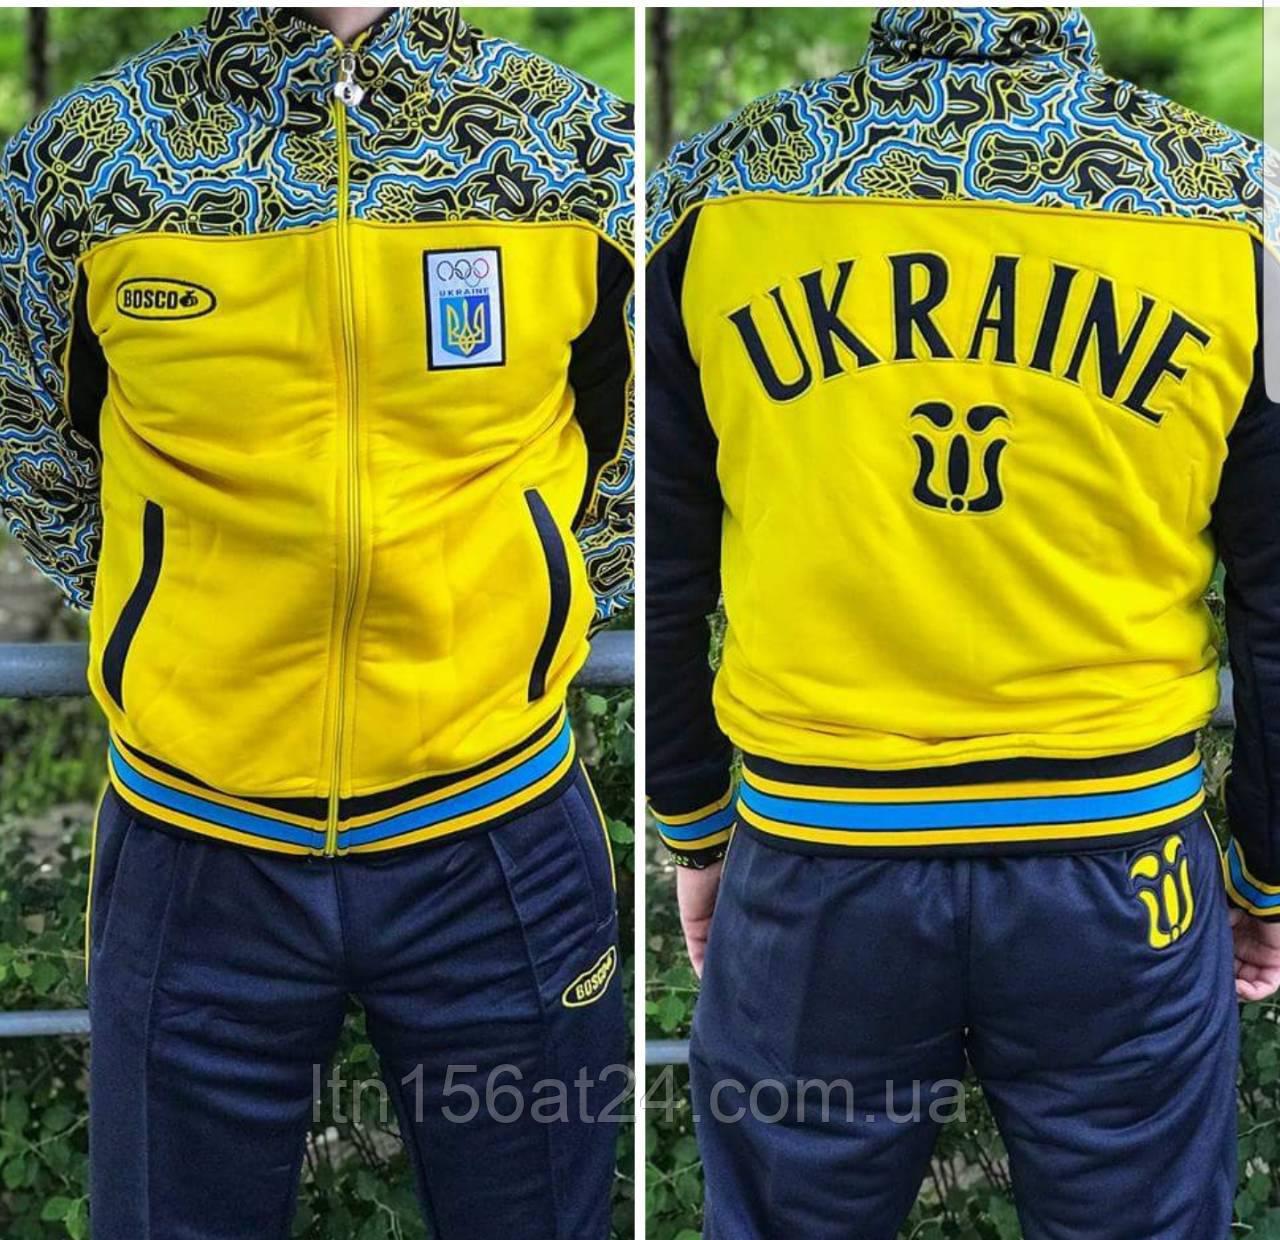 16cfb1b1f700 Боско спорт Украина оригинал Bosco Sport Спортивные костюмы  продажа ...